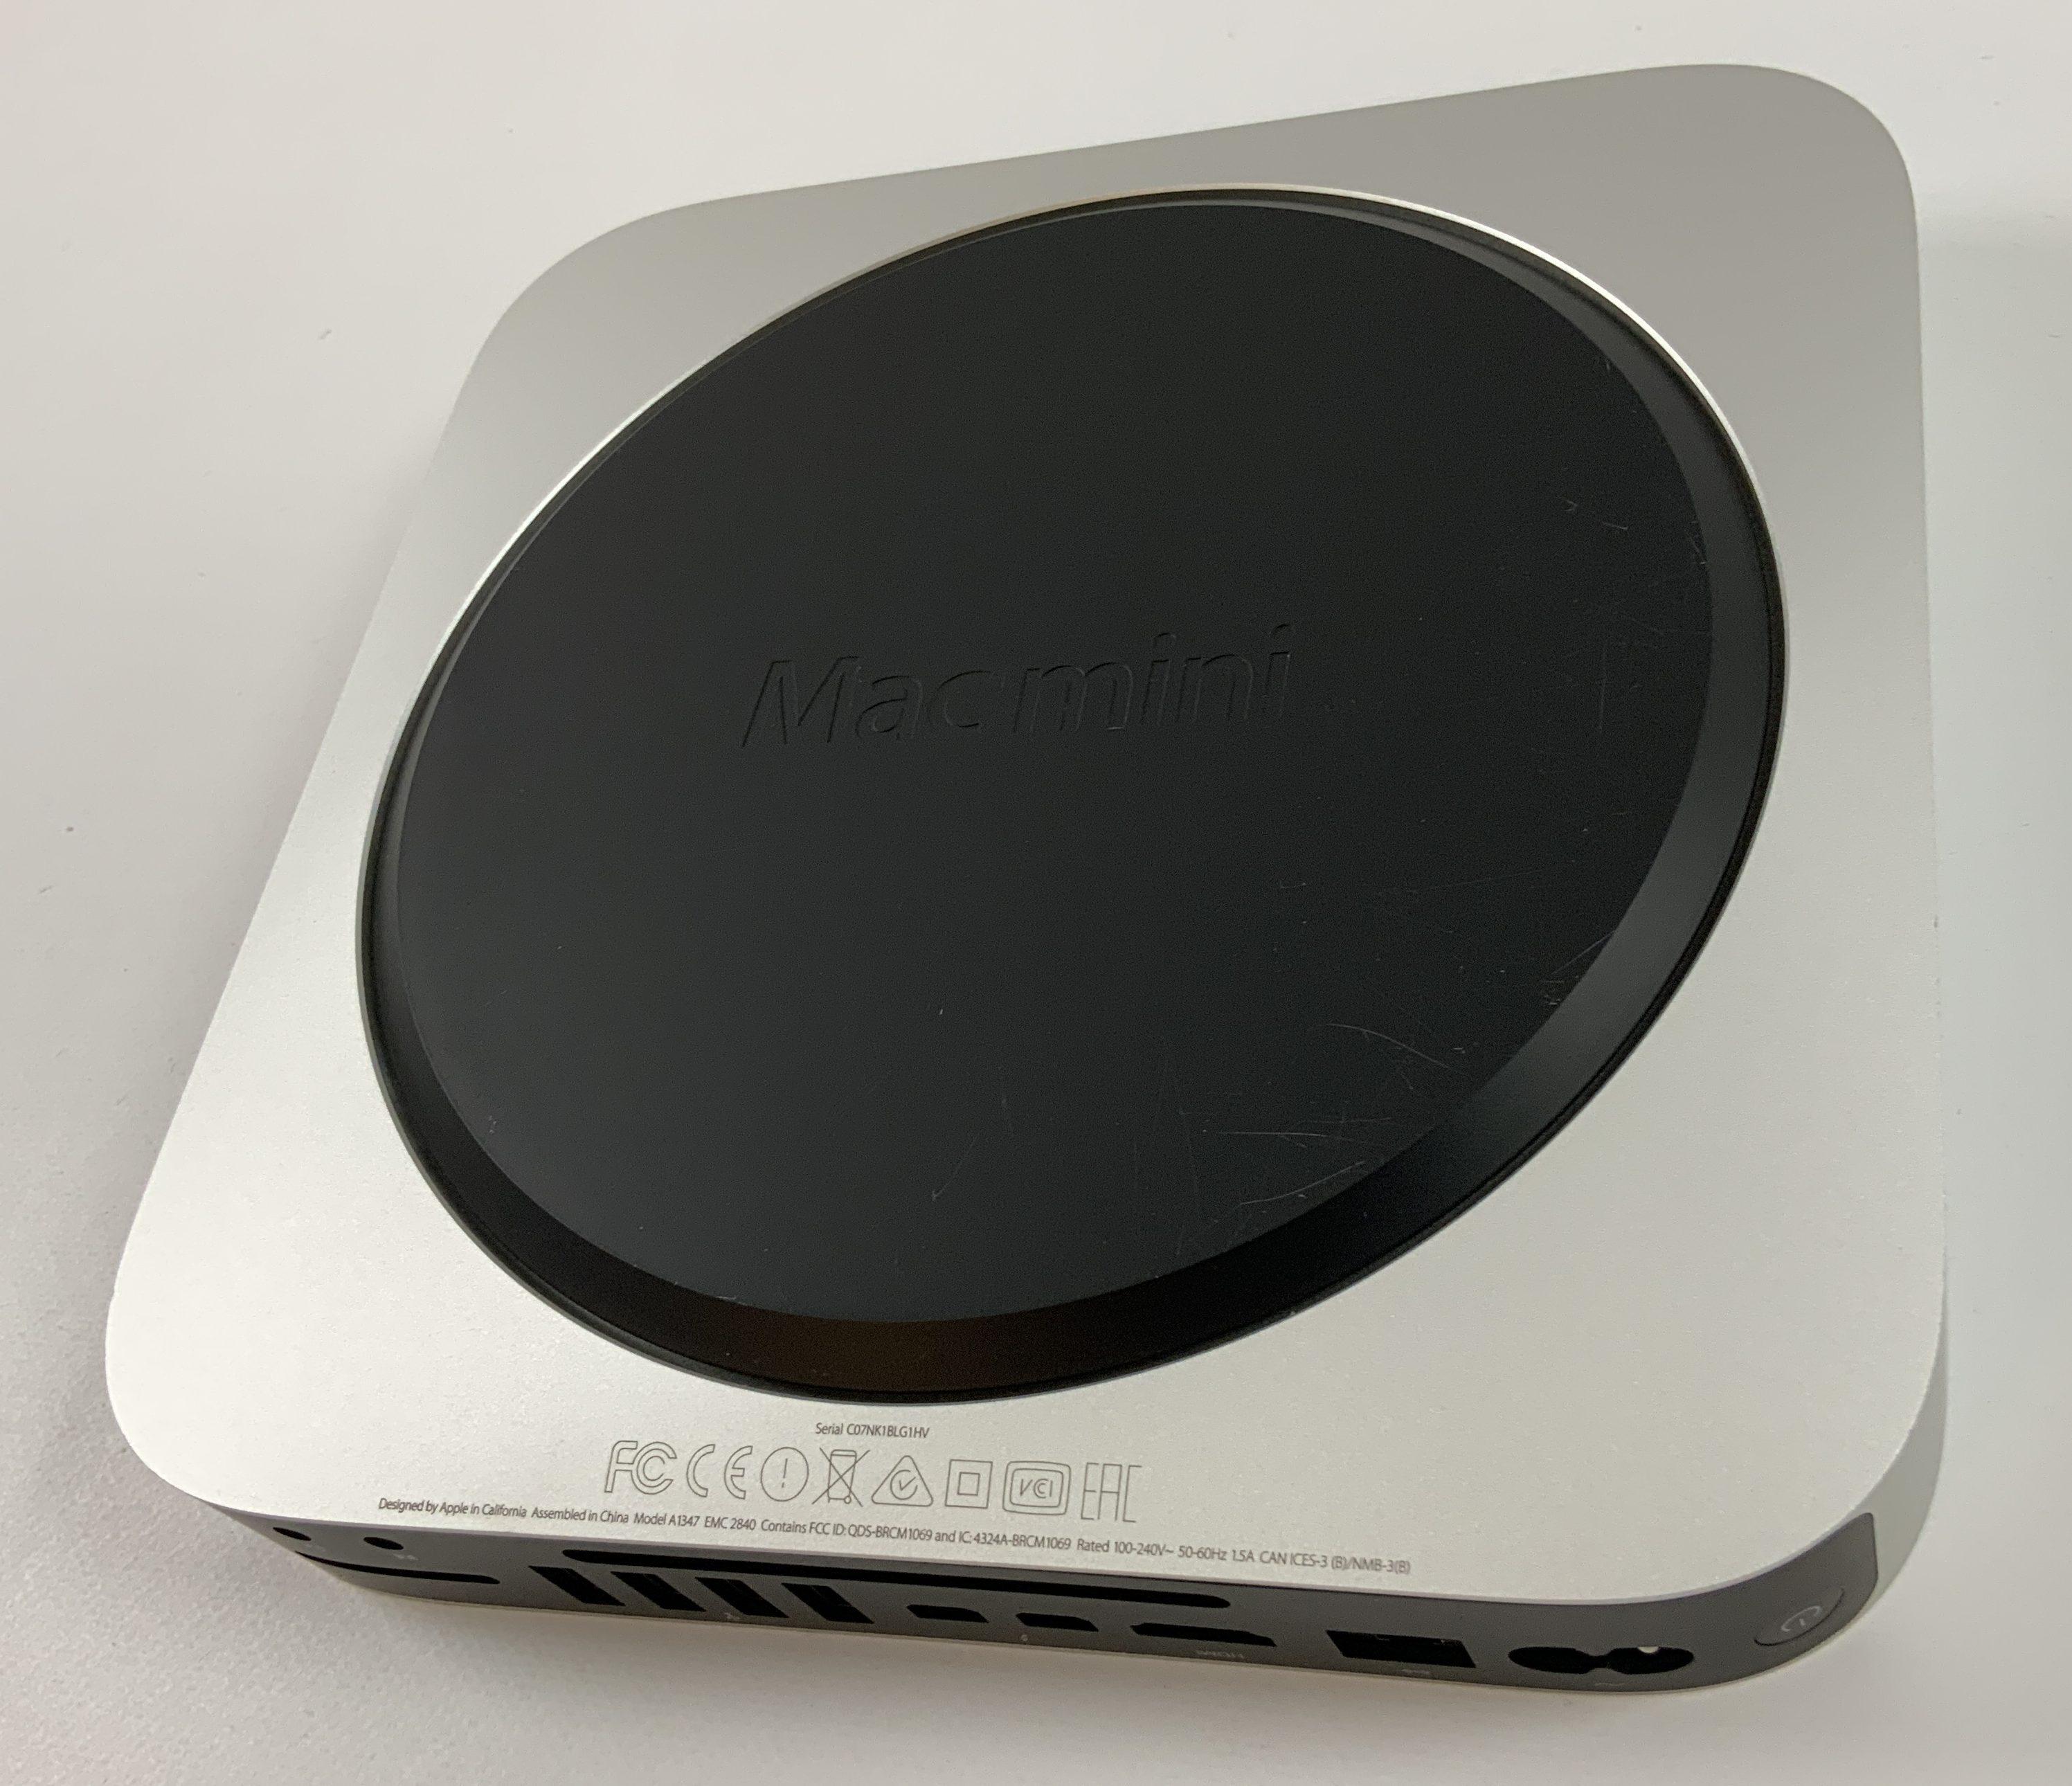 Mac Mini Late 2014 (Intel Core i5 1.4 GHz 4 GB RAM 500 GB HDD), Intel Core i5 1.4 GHz, 4 GB RAM, 500 GB HDD, Bild 3